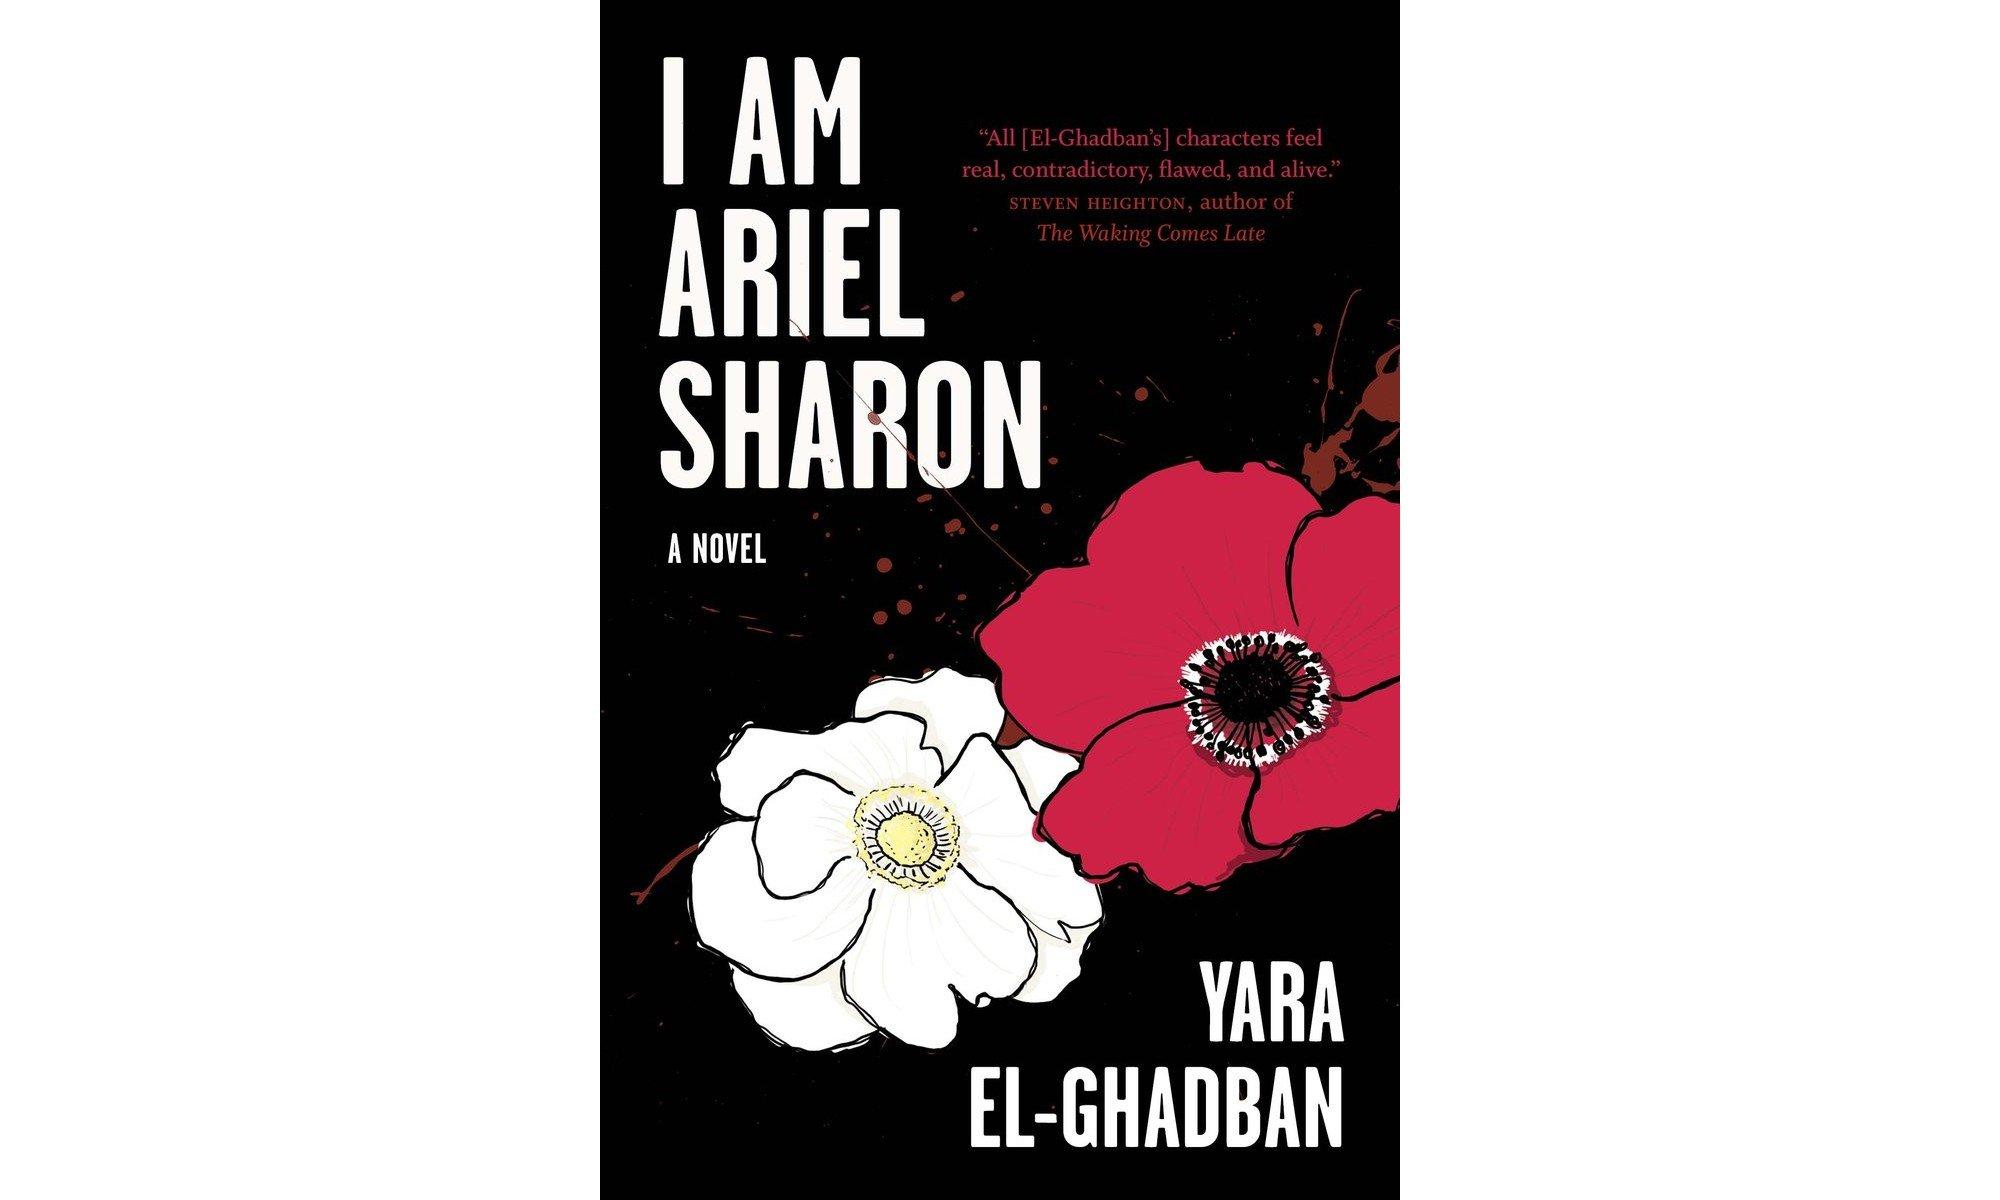 I Am Ariel Sharon Yara El-Ghadban